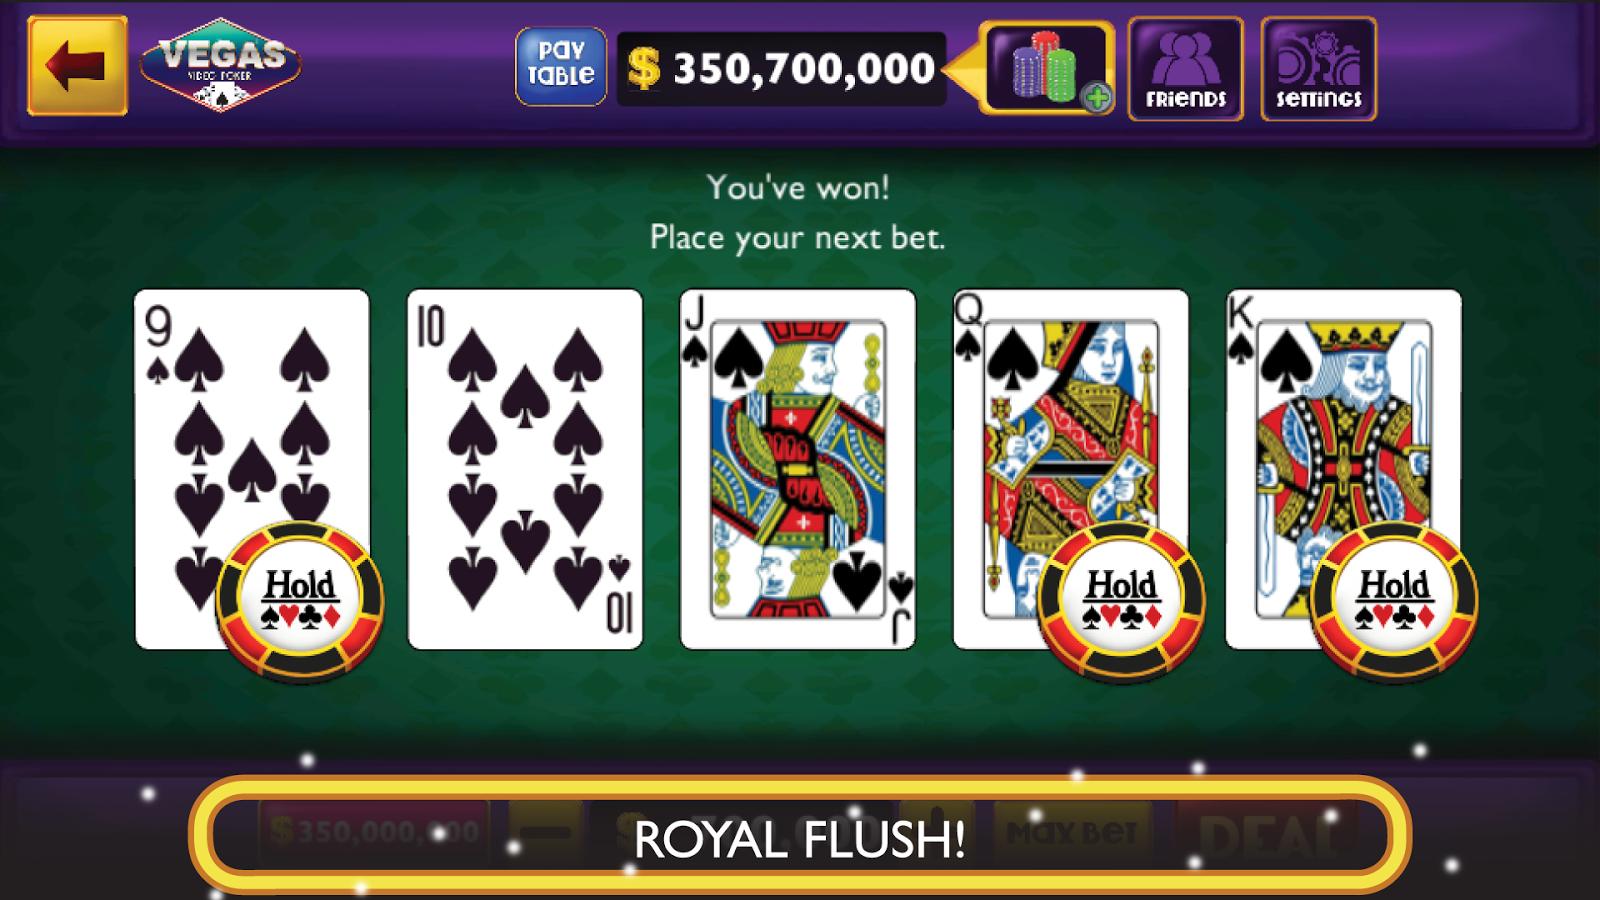 vegas casino online poker